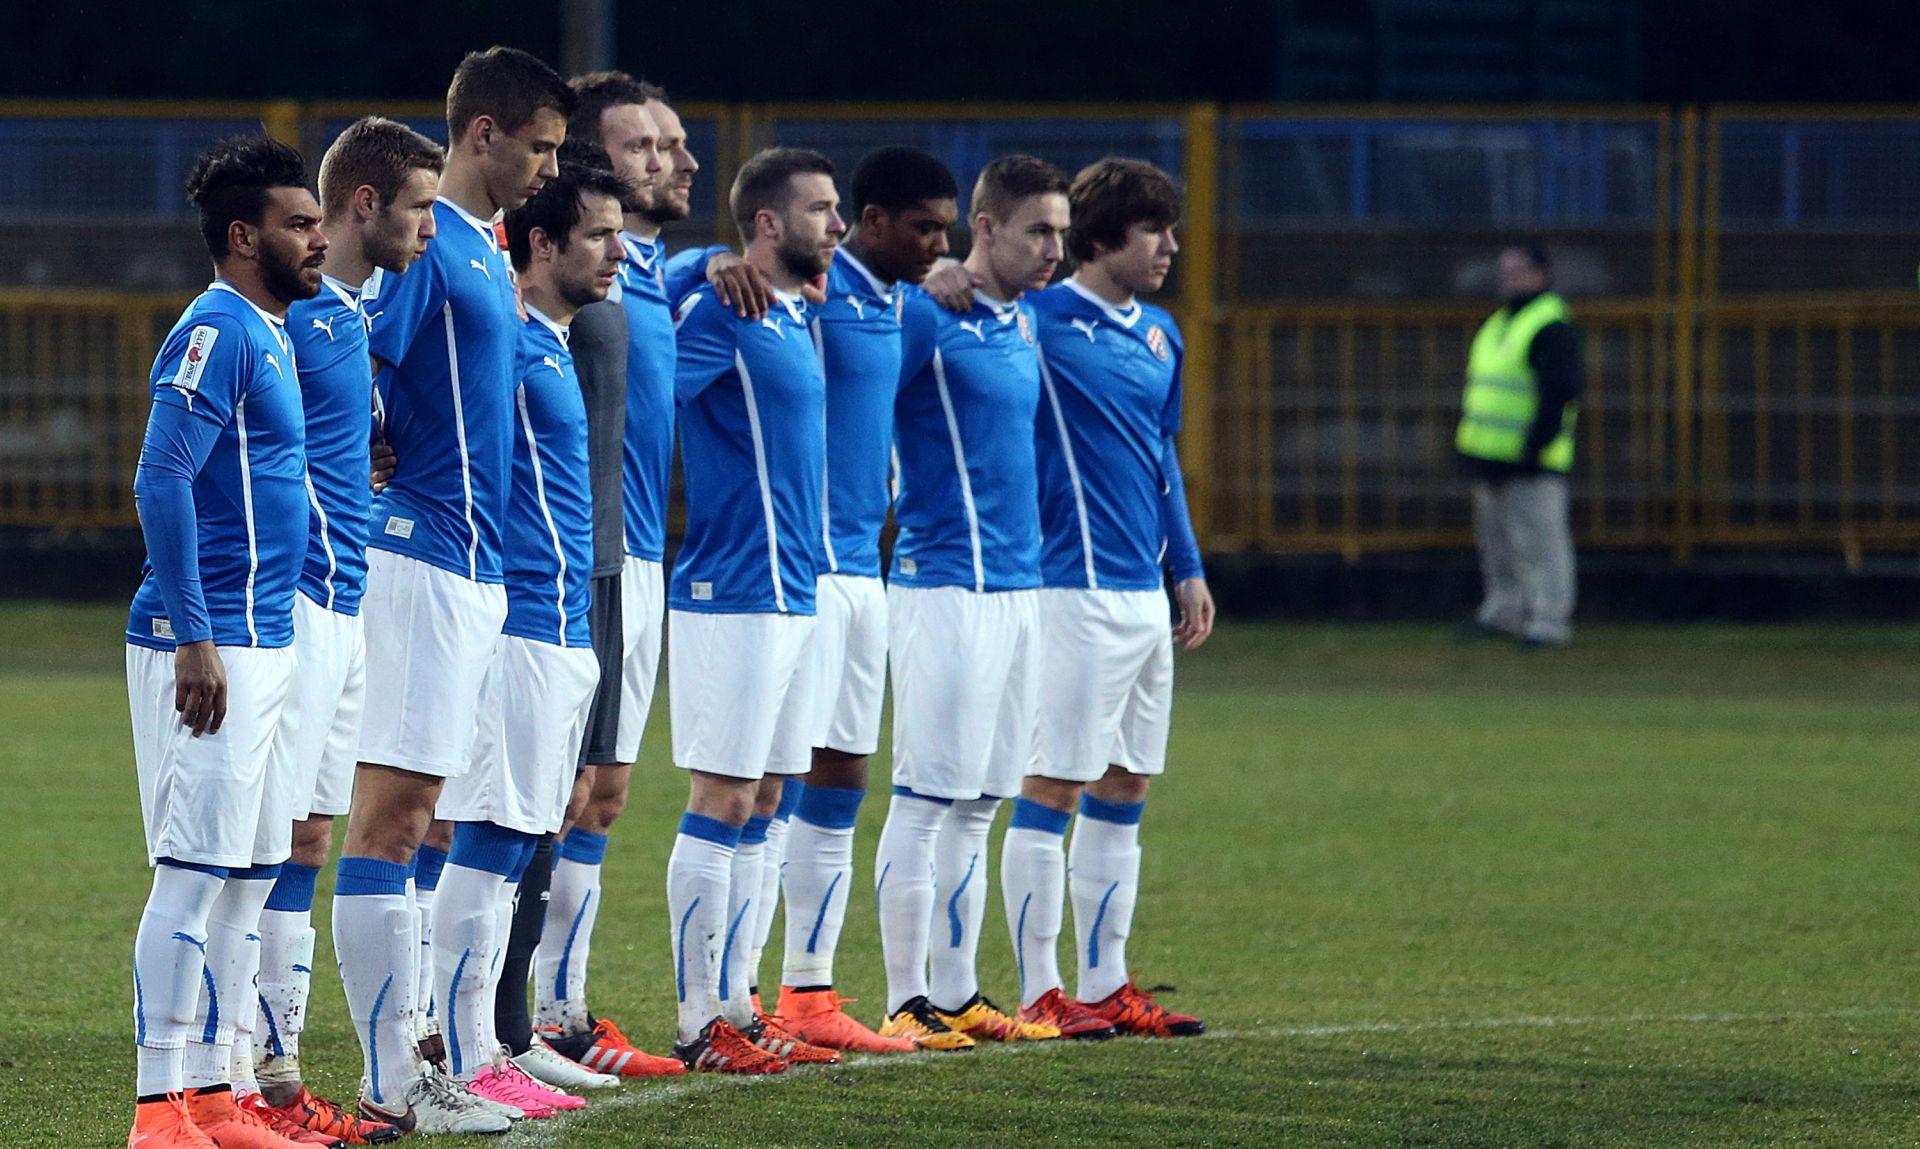 U PROTEKLIH 20 GODINA: Dinamo odradio 906 transfera i zaradio milijardu kuna